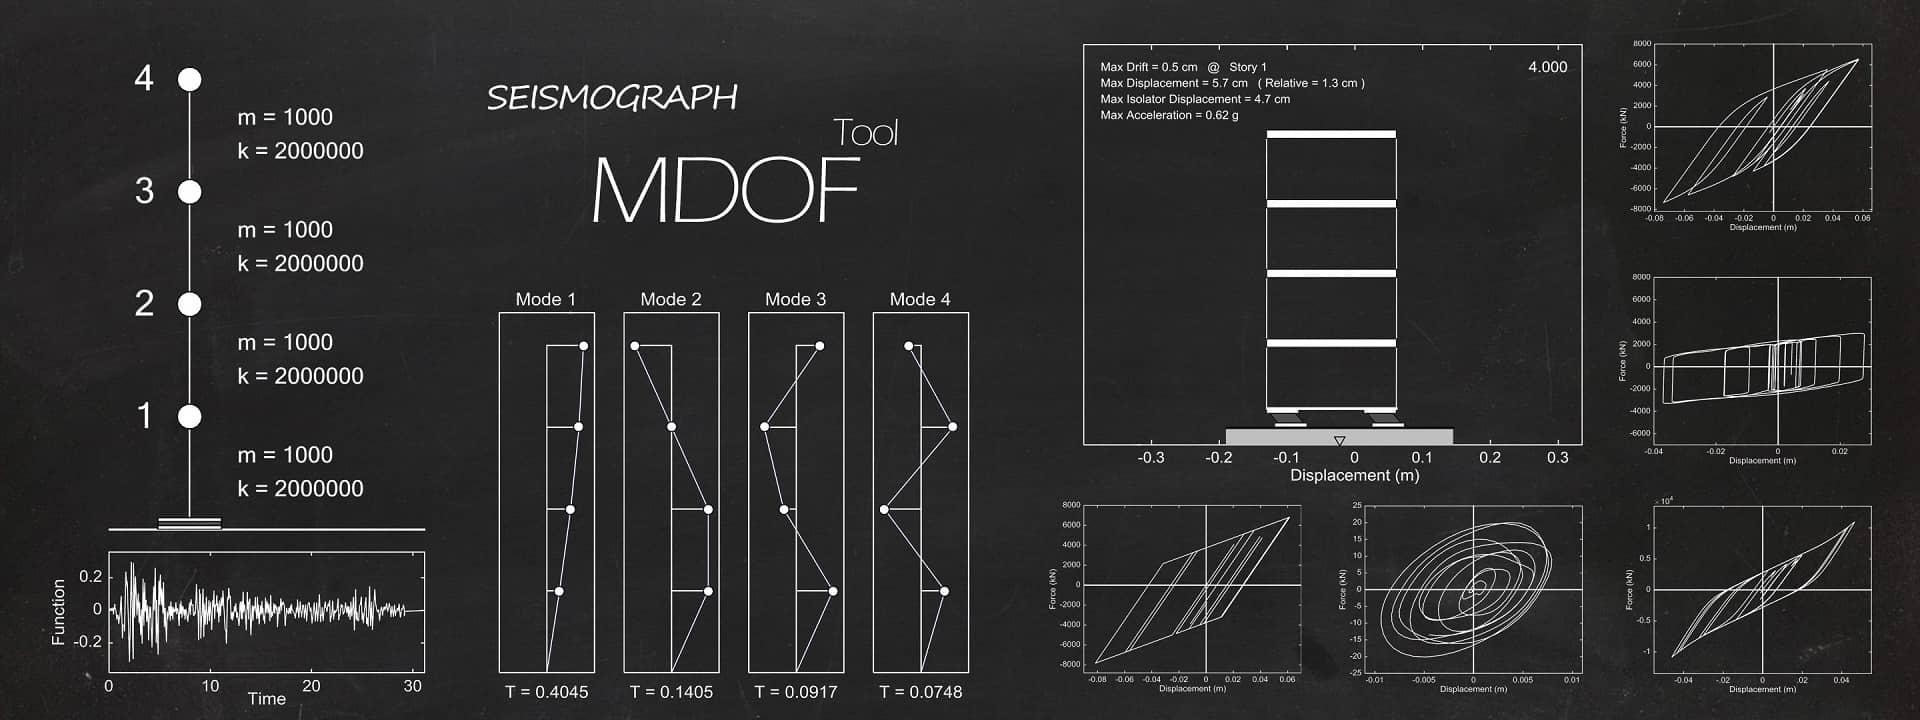 نرمافزار لرزهنگار: ابزار تحلیل دینامیکی غیرخطی سیستمهای چند درجه آزادی